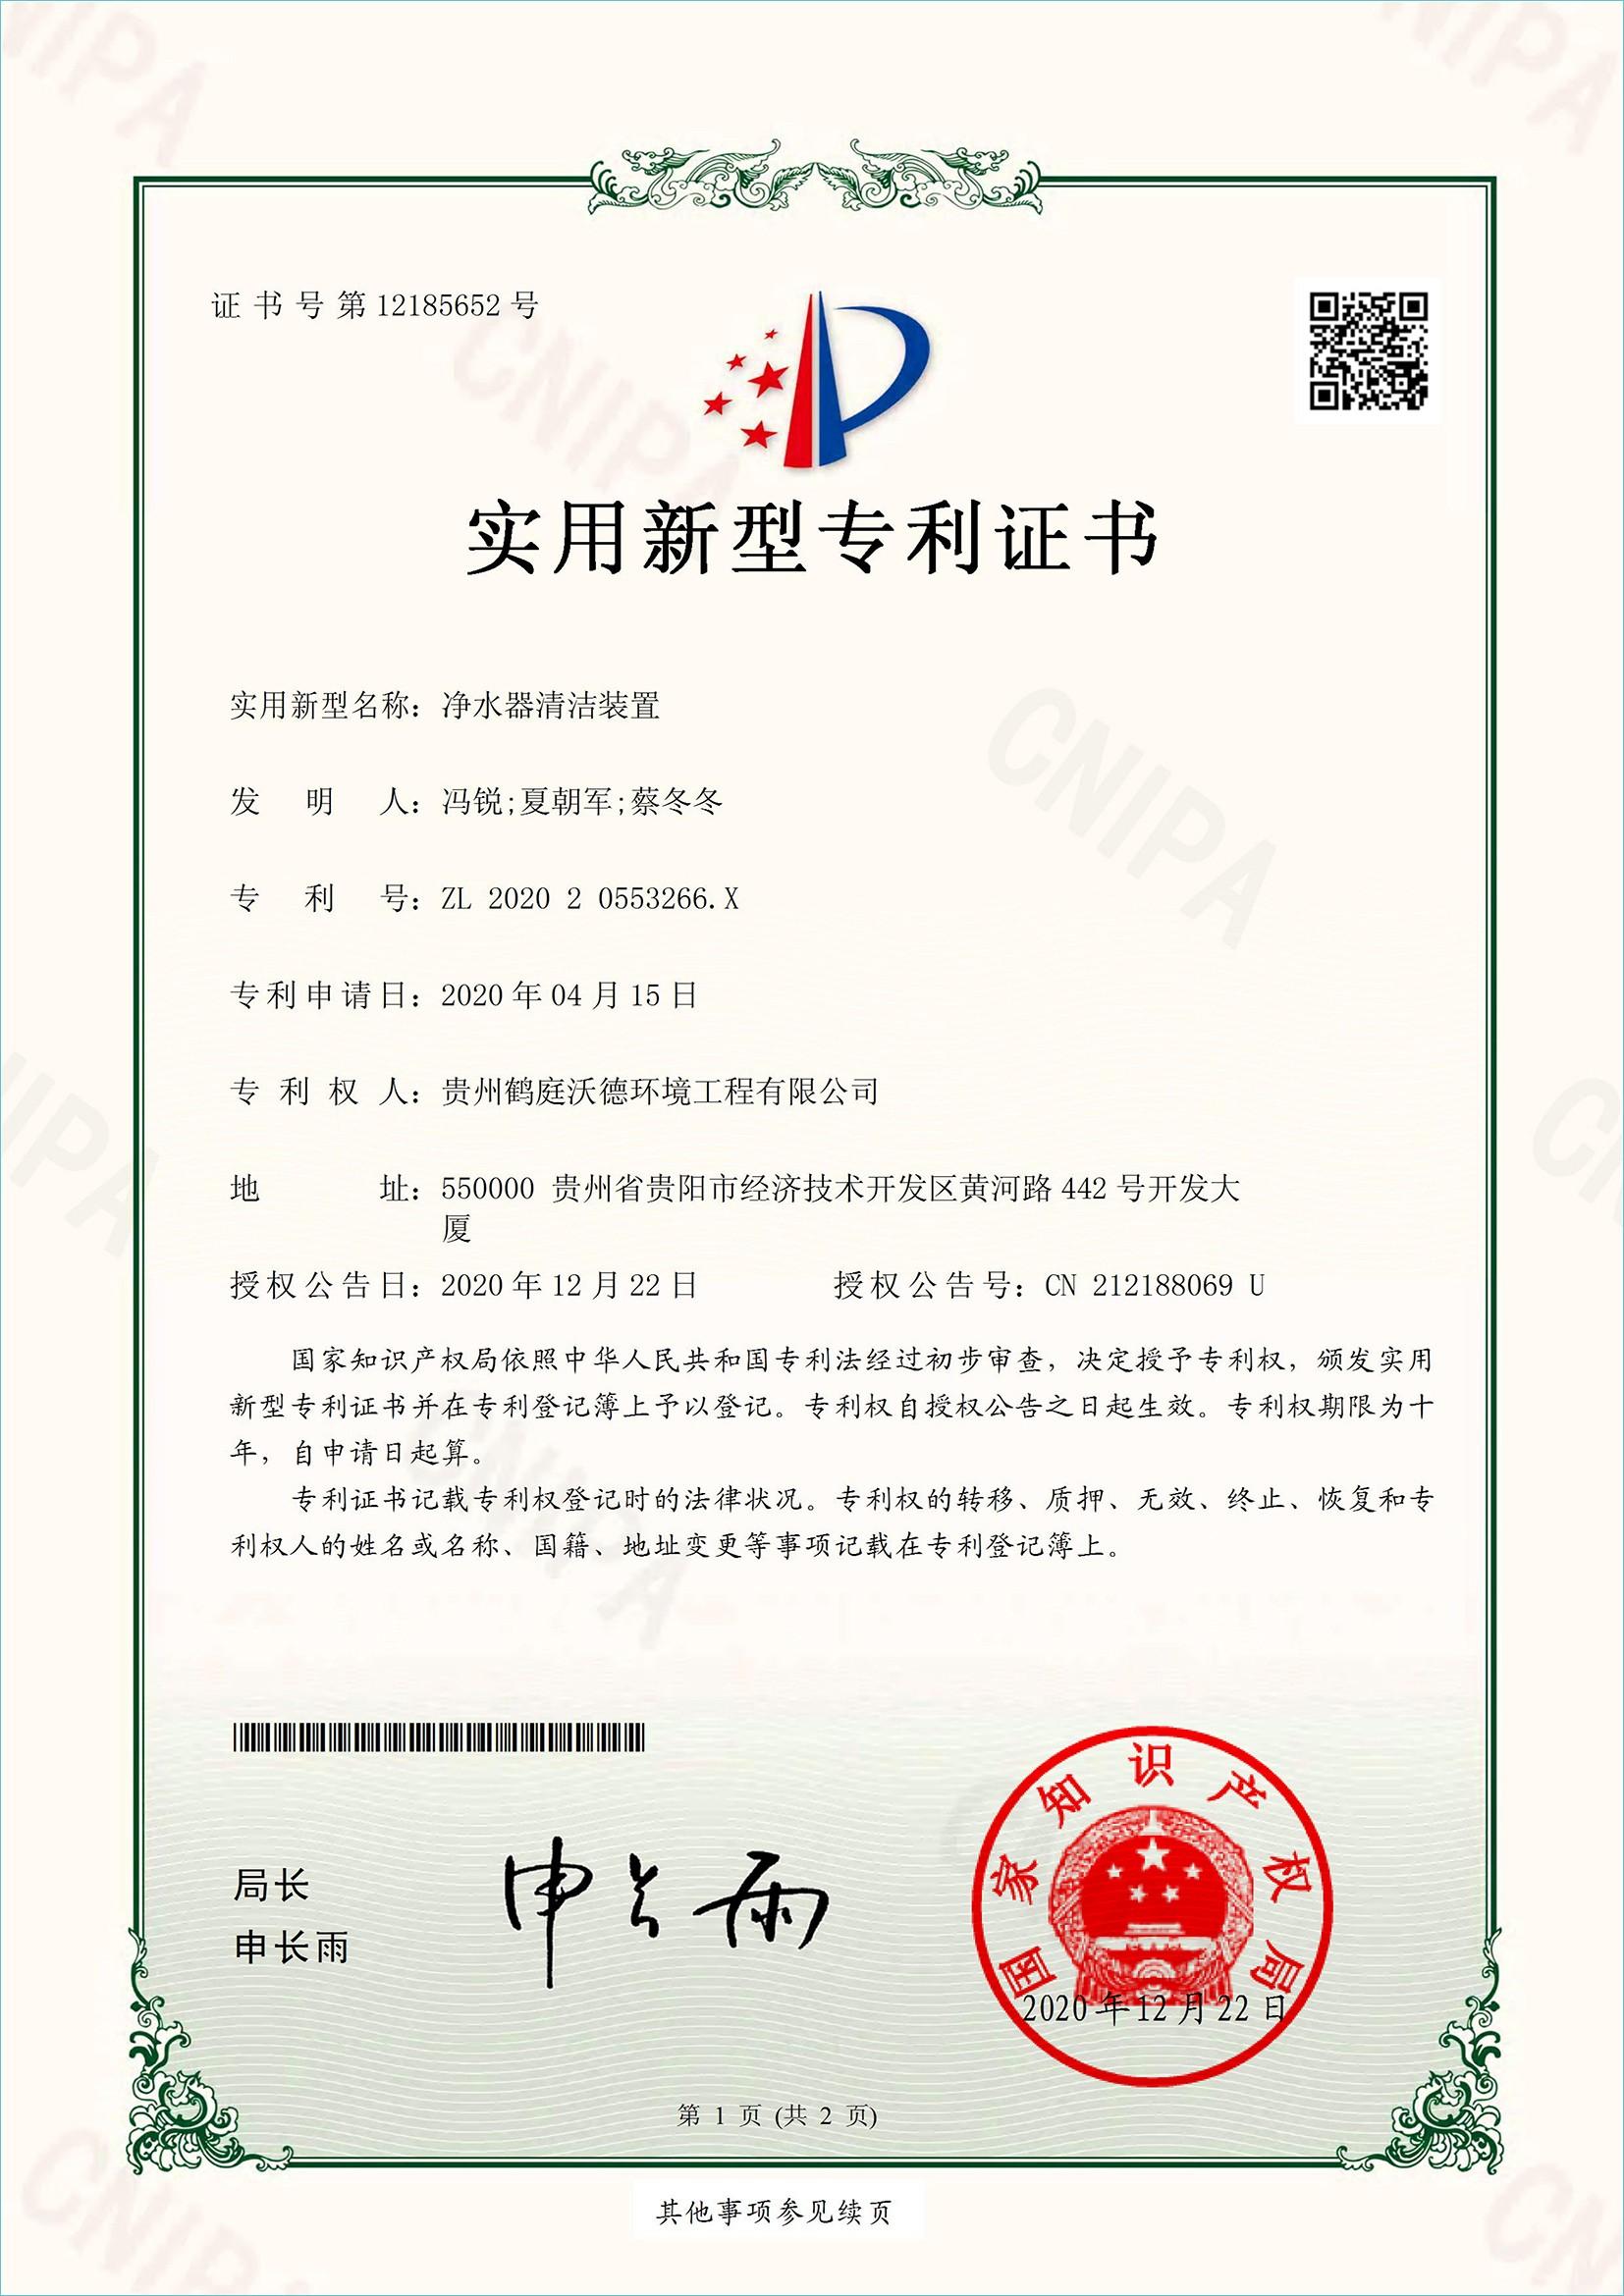 鹤庭专利证书4件_02